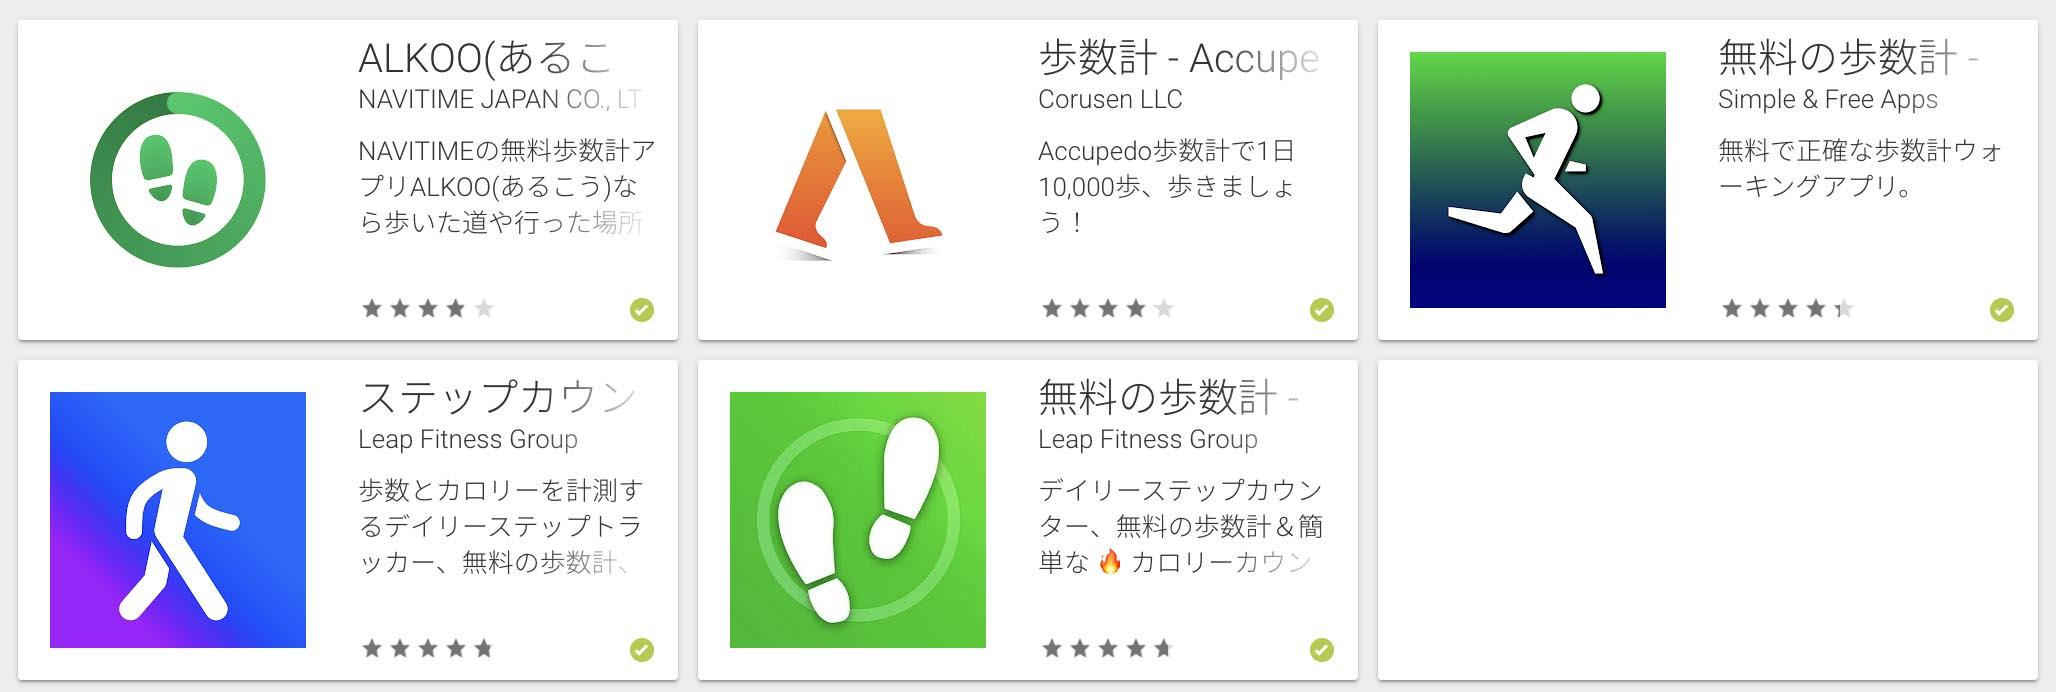 アプリ 万 歩 計